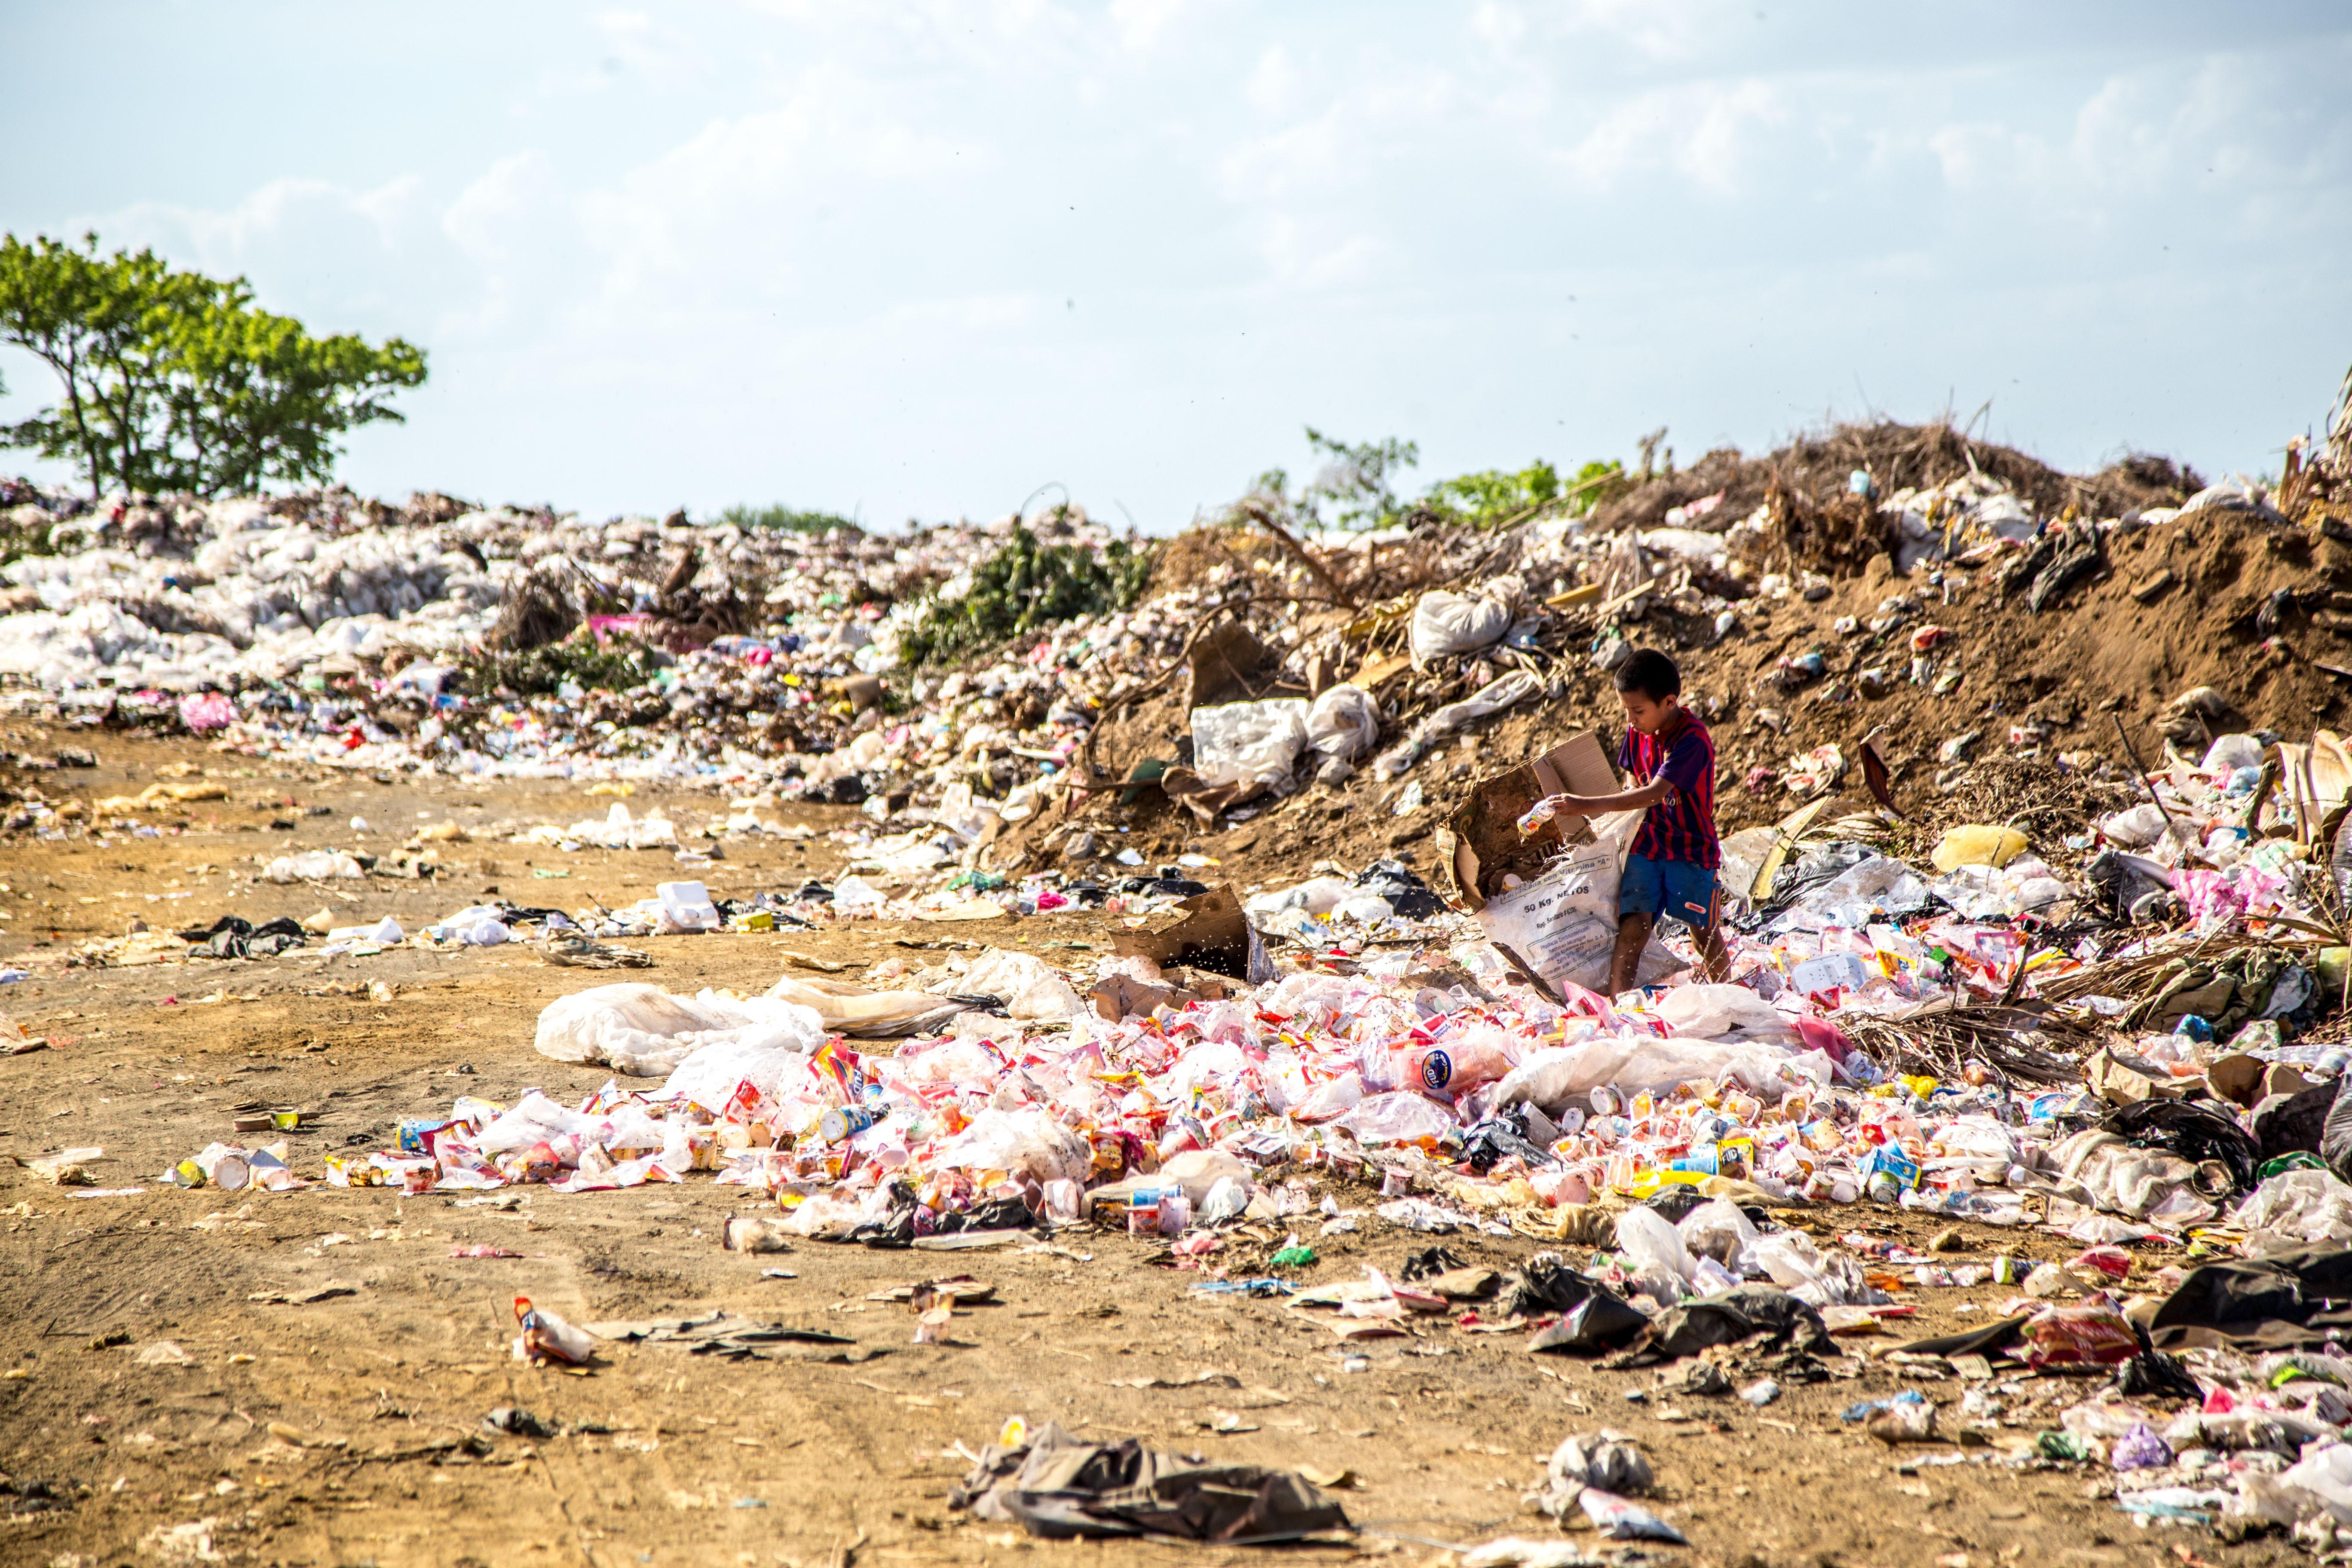 Boy walks through trash plastic waste landfill